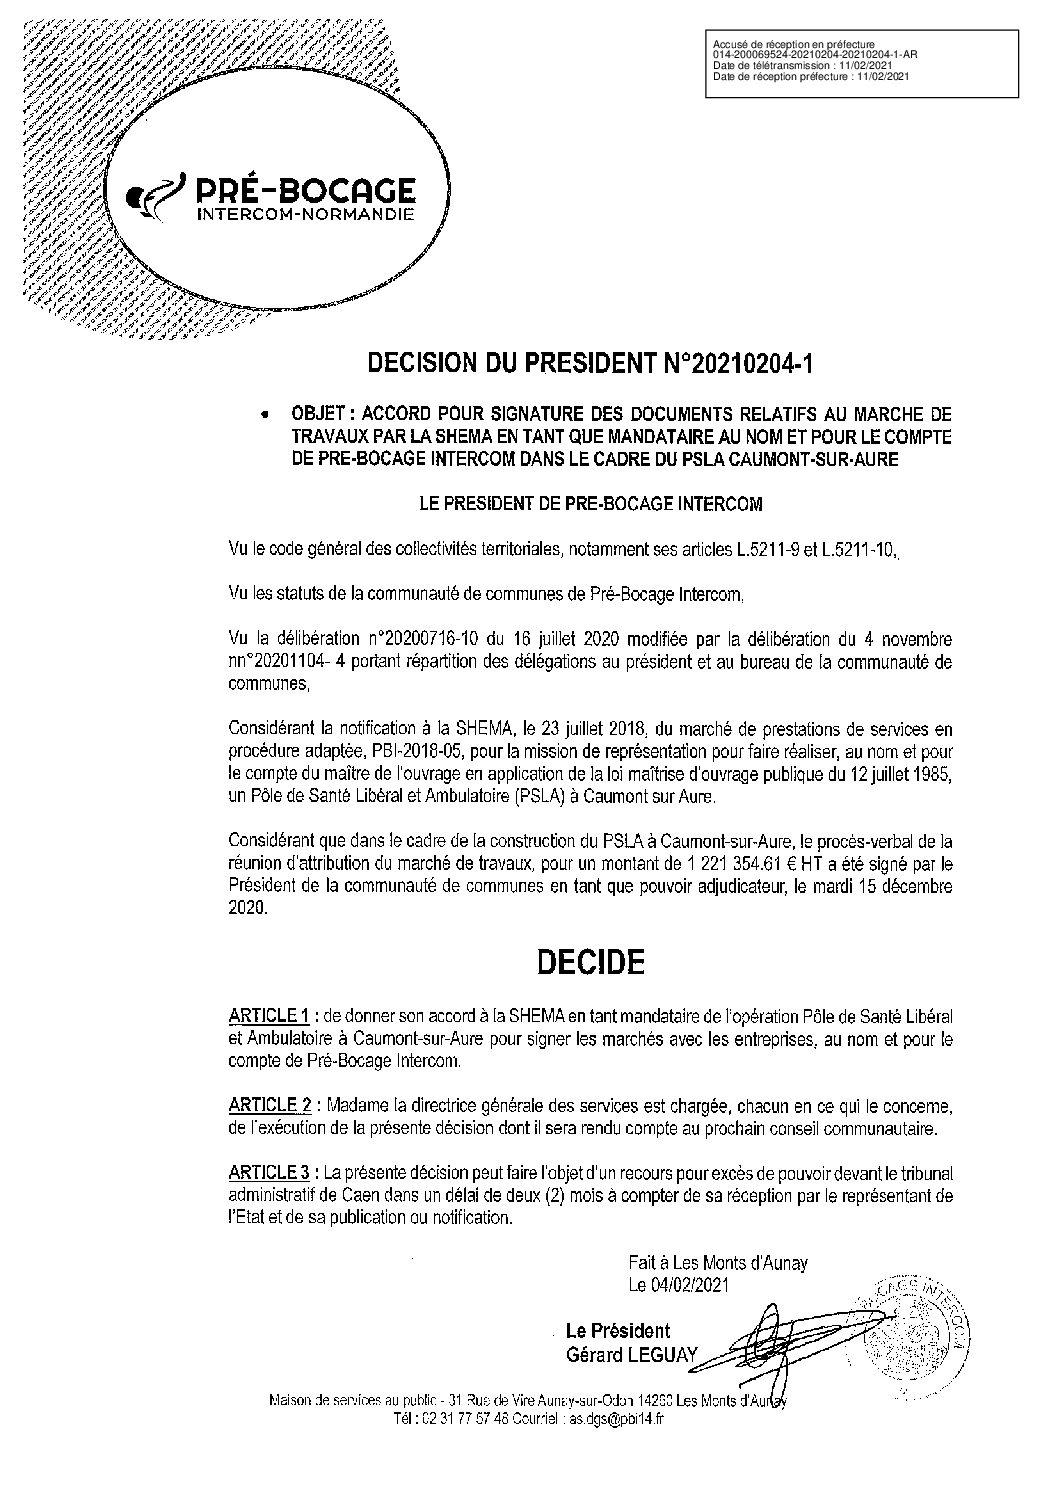 Décision déléguée du 4 février 2021